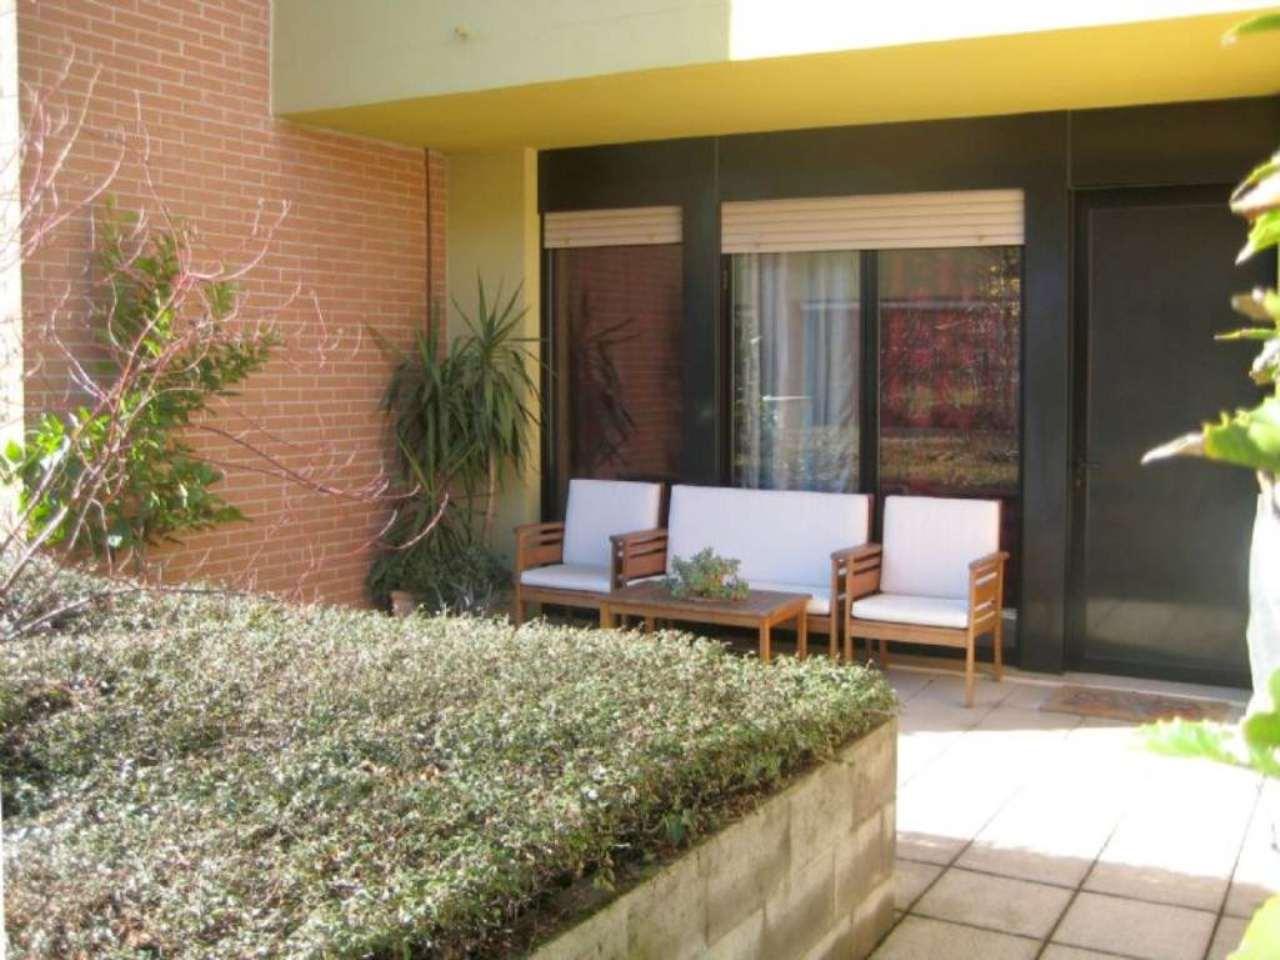 Villa in vendita a Cesano Maderno, 5 locali, prezzo € 329.000 | CambioCasa.it